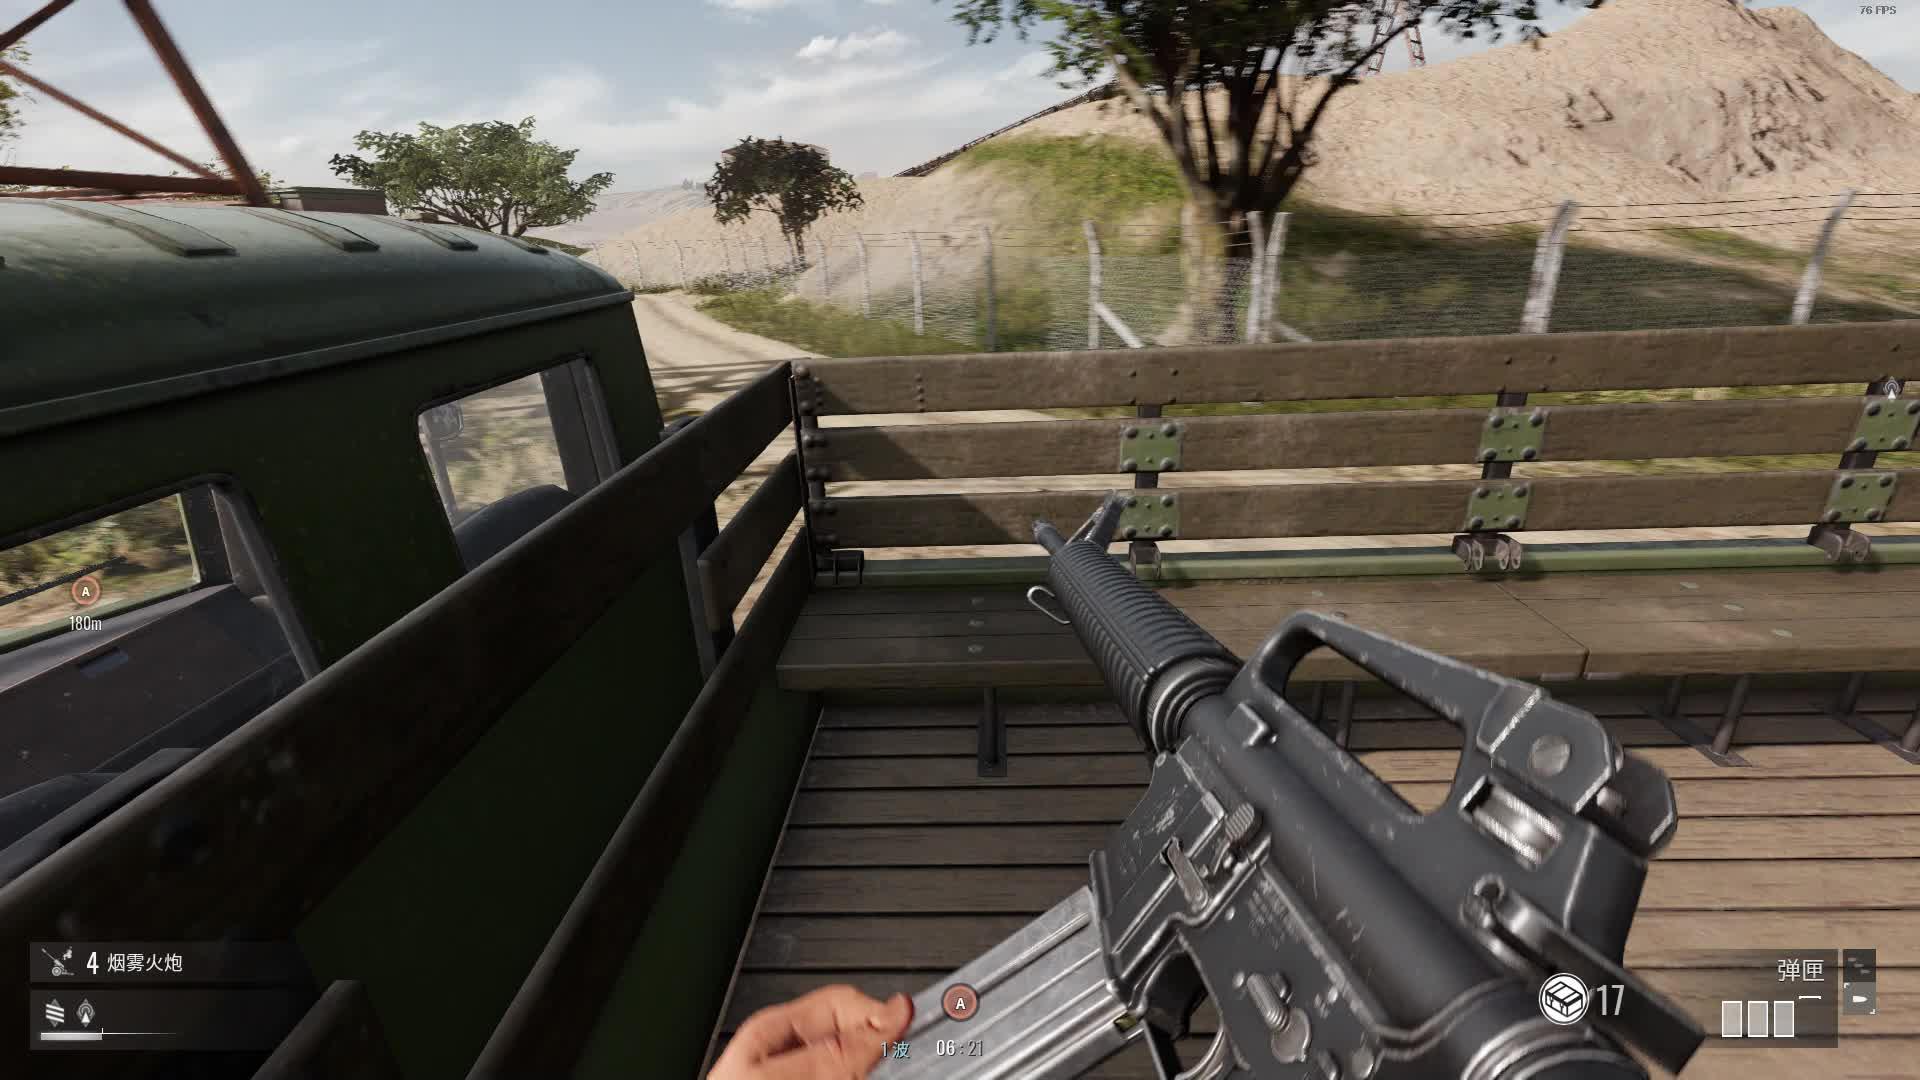 叛乱:捡了把敌人的PKM,开枪瞬间后悔